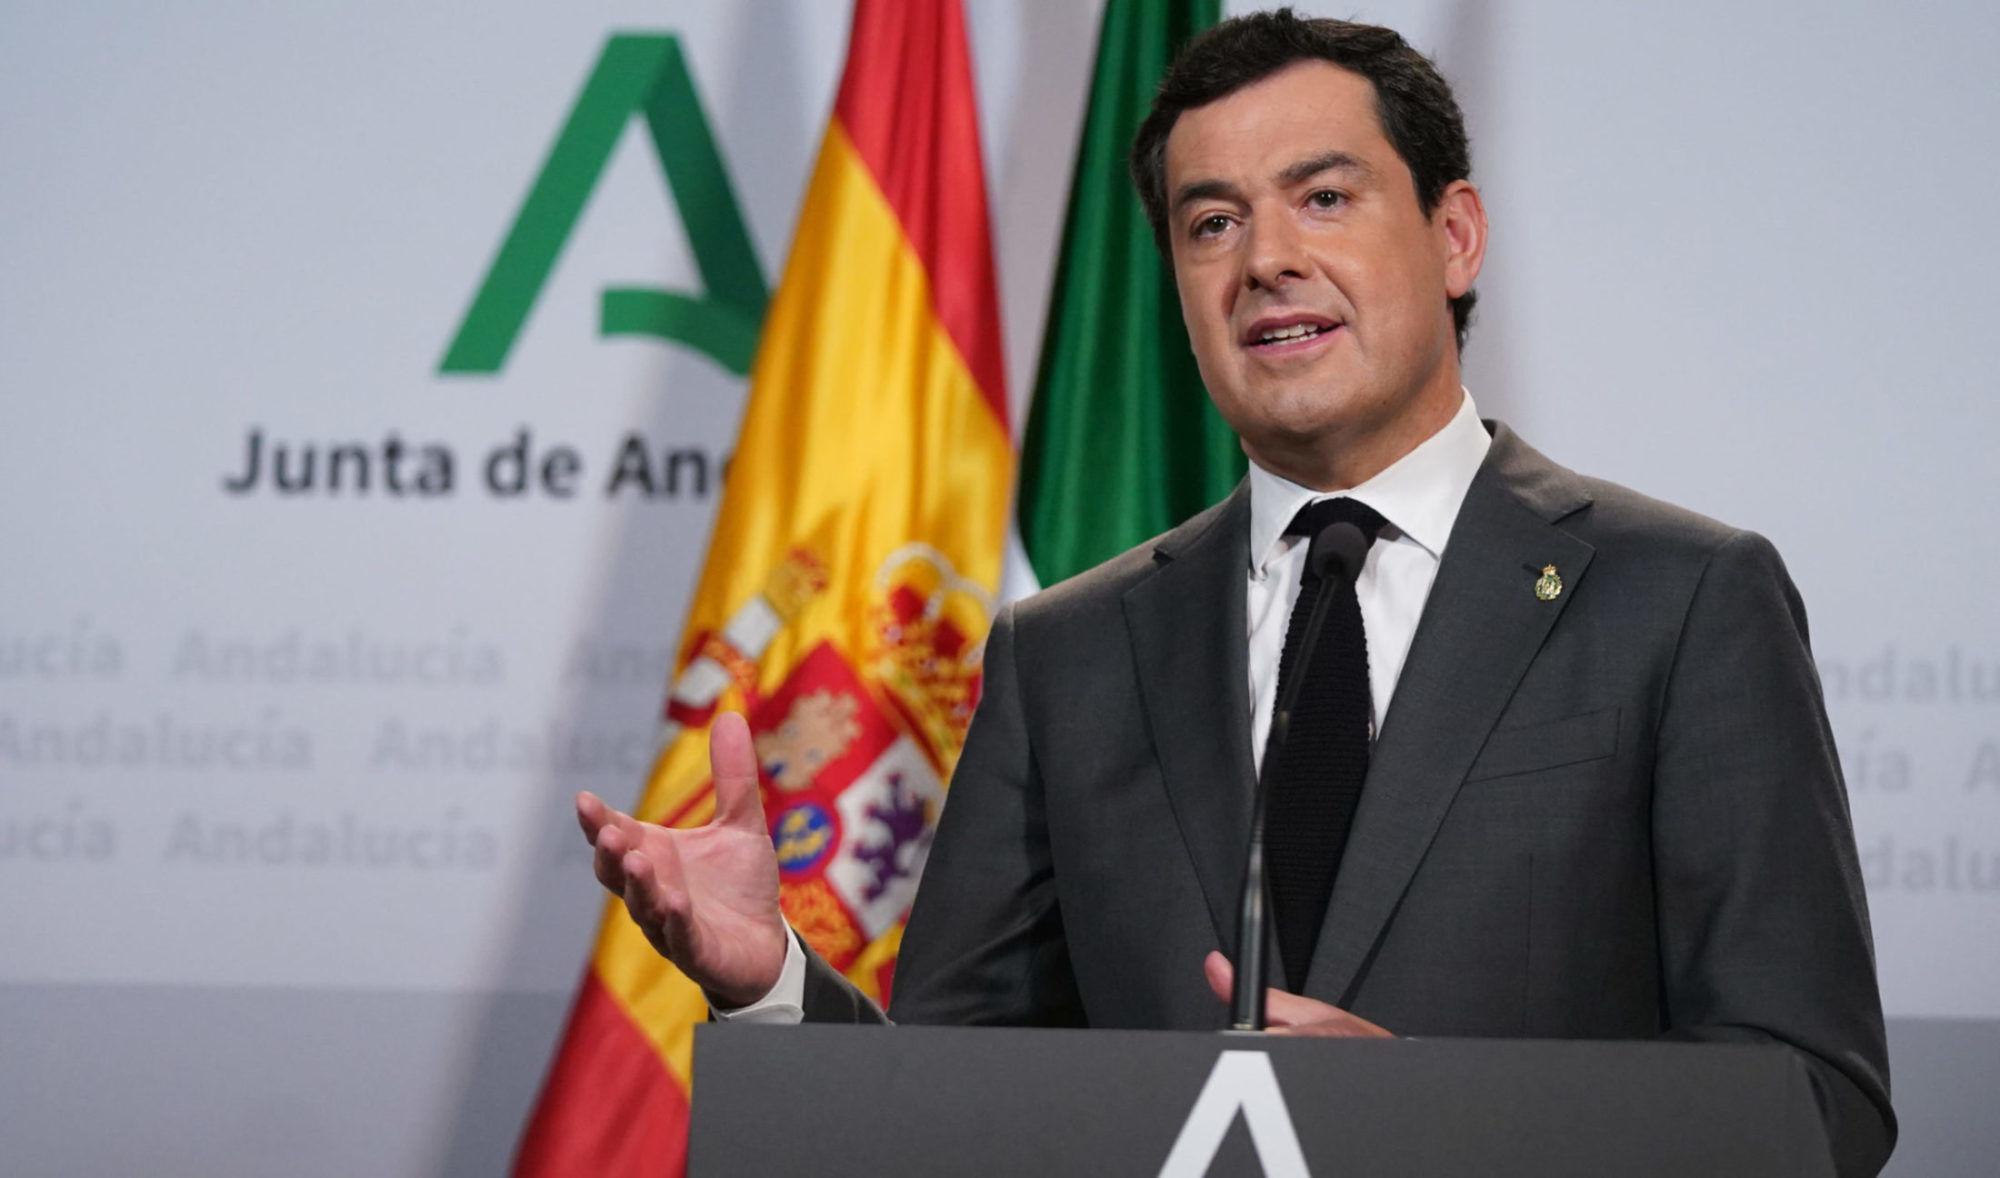 Moreno asegura que Andalucía está preparada para afrontar el desconfinamiento